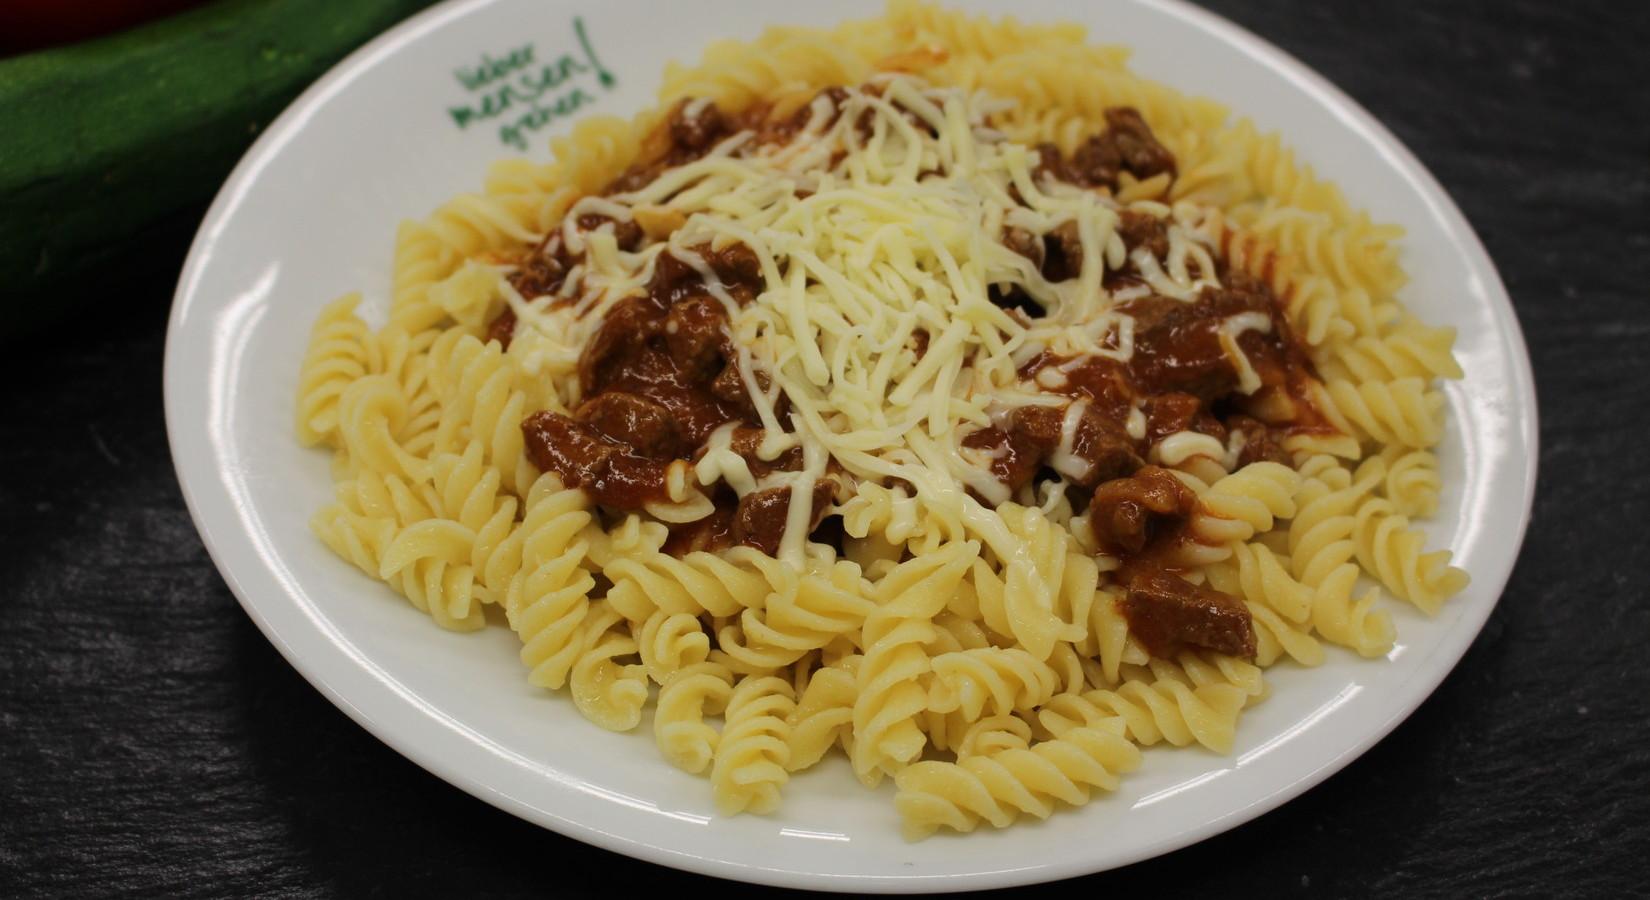 Spirelli mit Gulaschsoße oder Rahmsoße mit Tomaten und Zucchini, dazu geriebener Käse